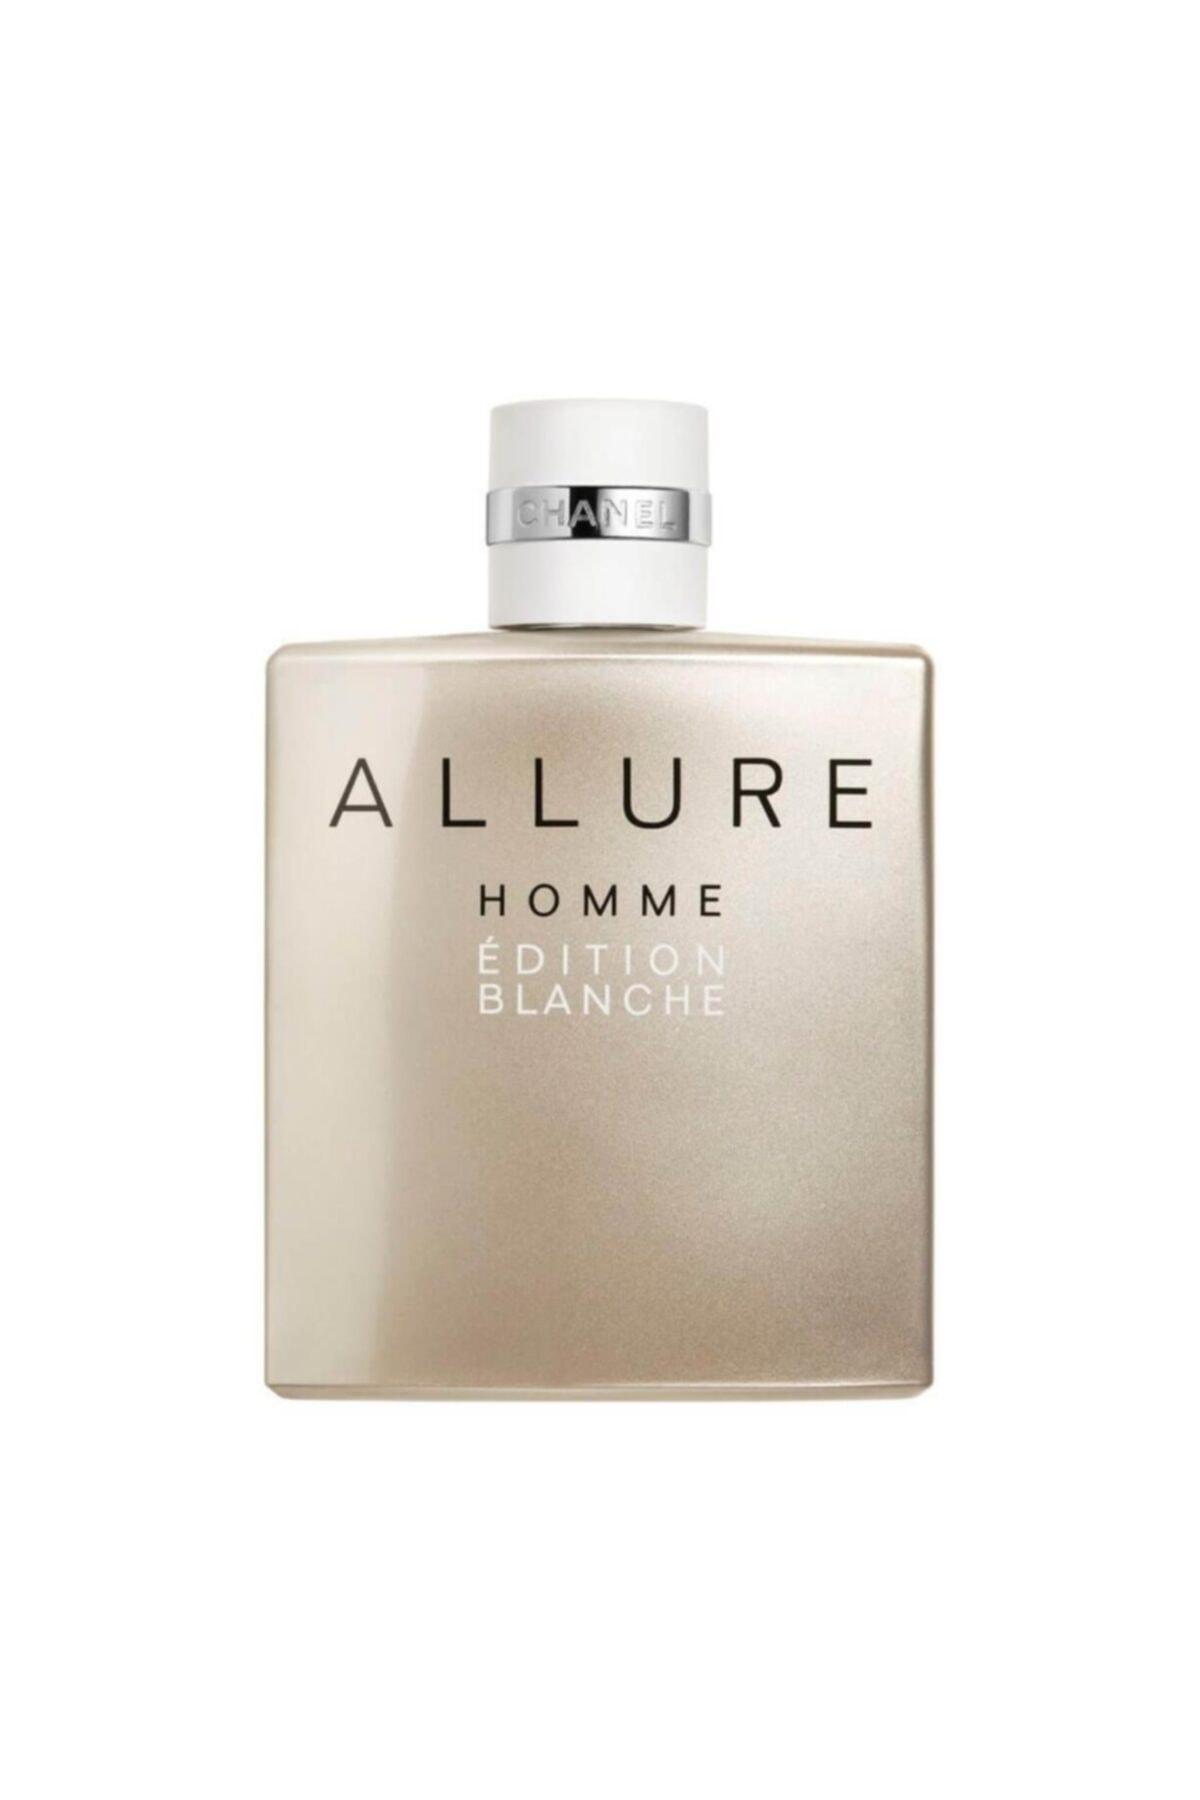 Chanel Allure Homme Edition Blanche Edp 100 ml Erkek Parfüm 3145891274608 1